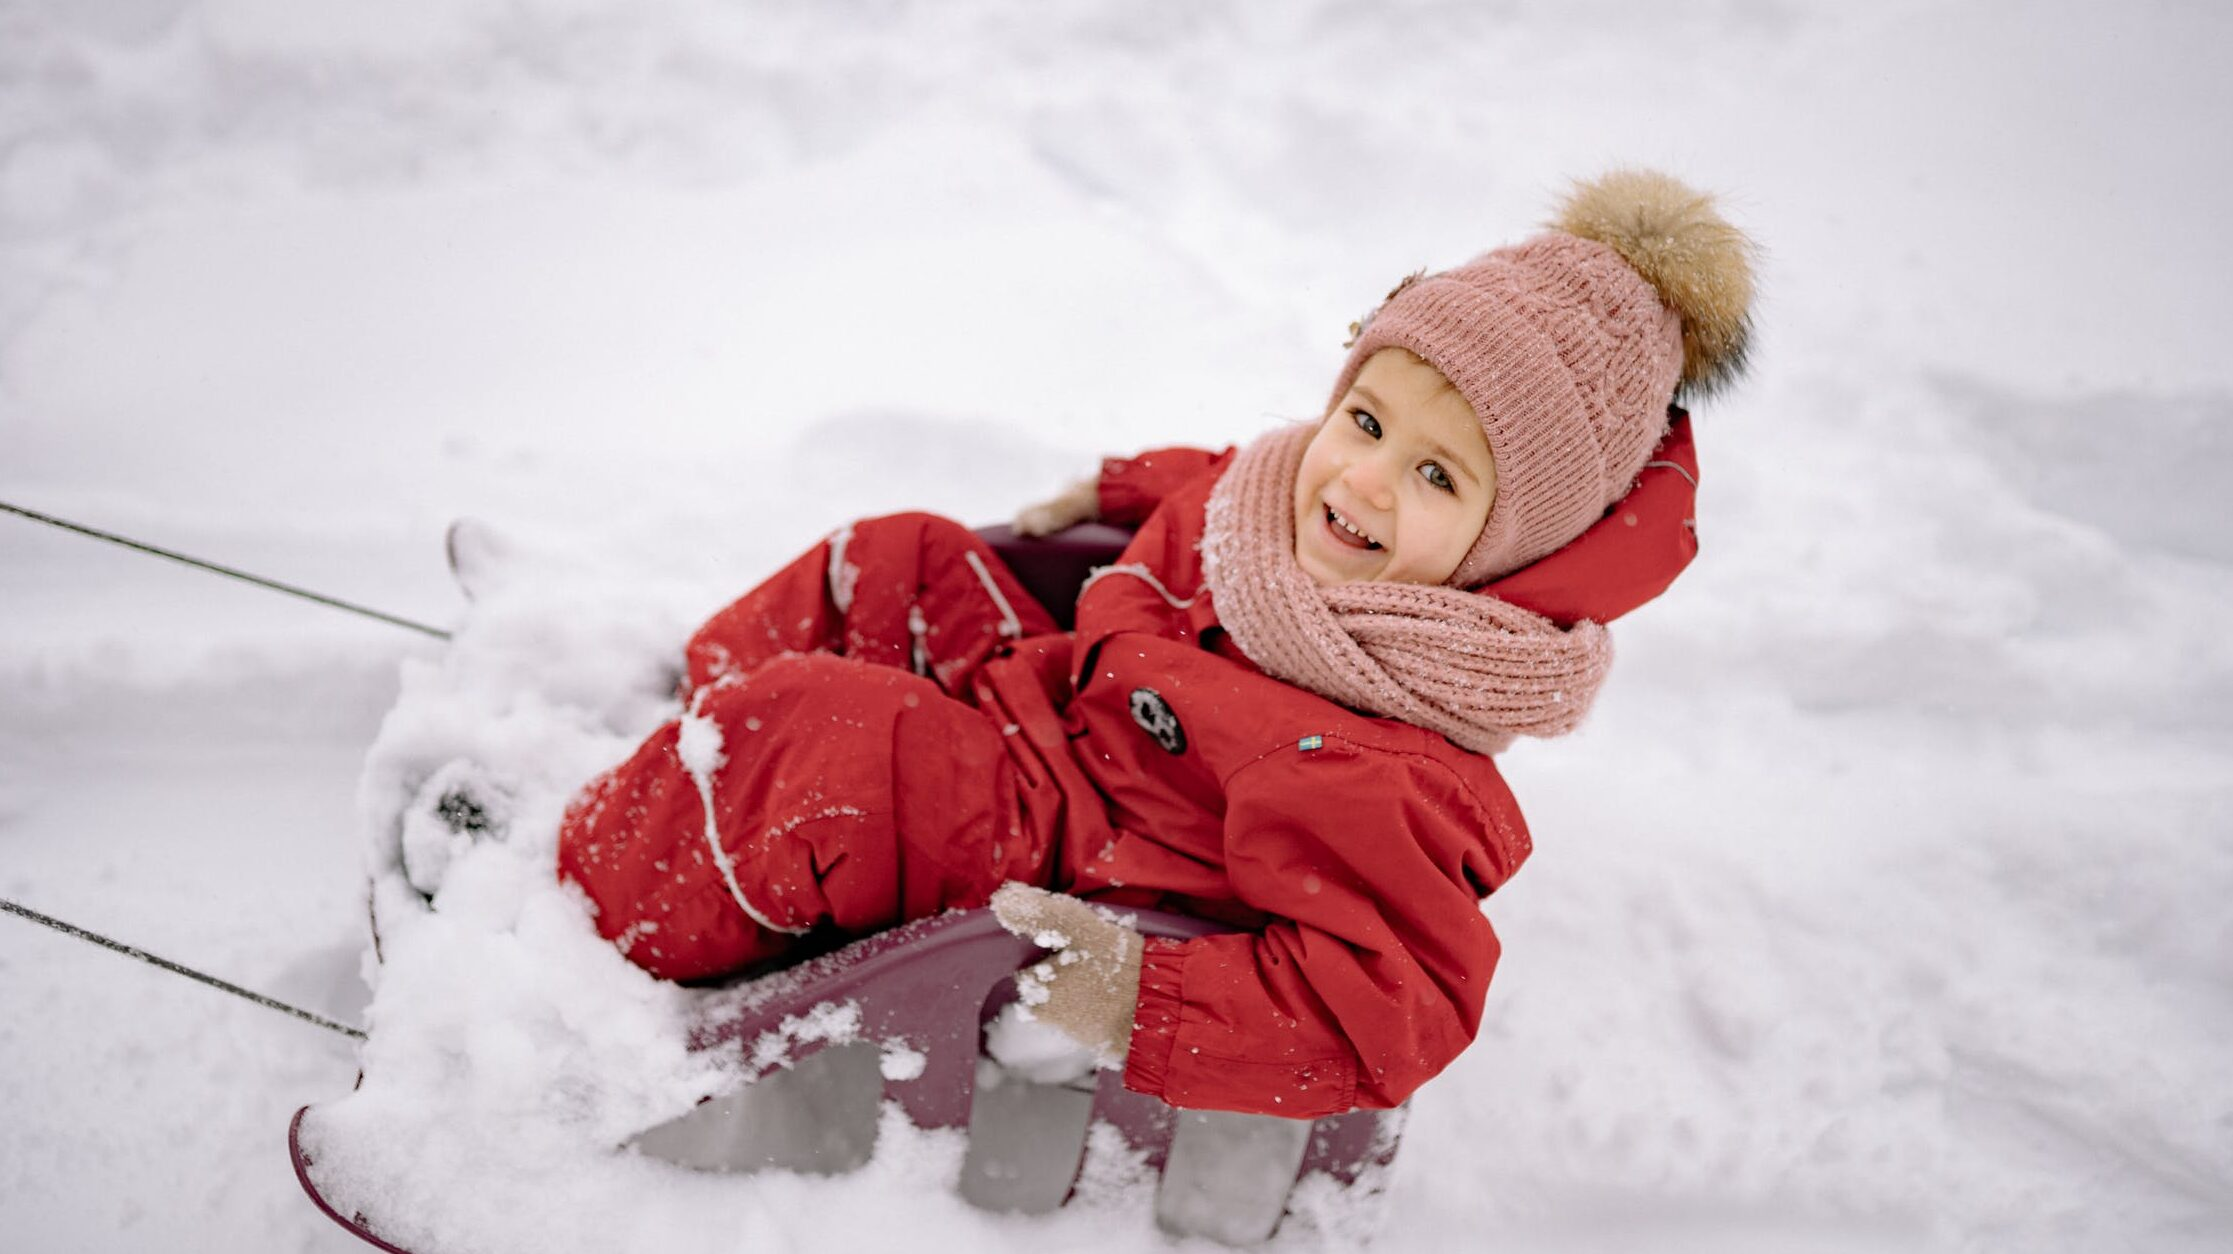 習い事させない・しない子育てのメリット・デメリットは?習い事をさせない親という選択肢のイメージ画像3